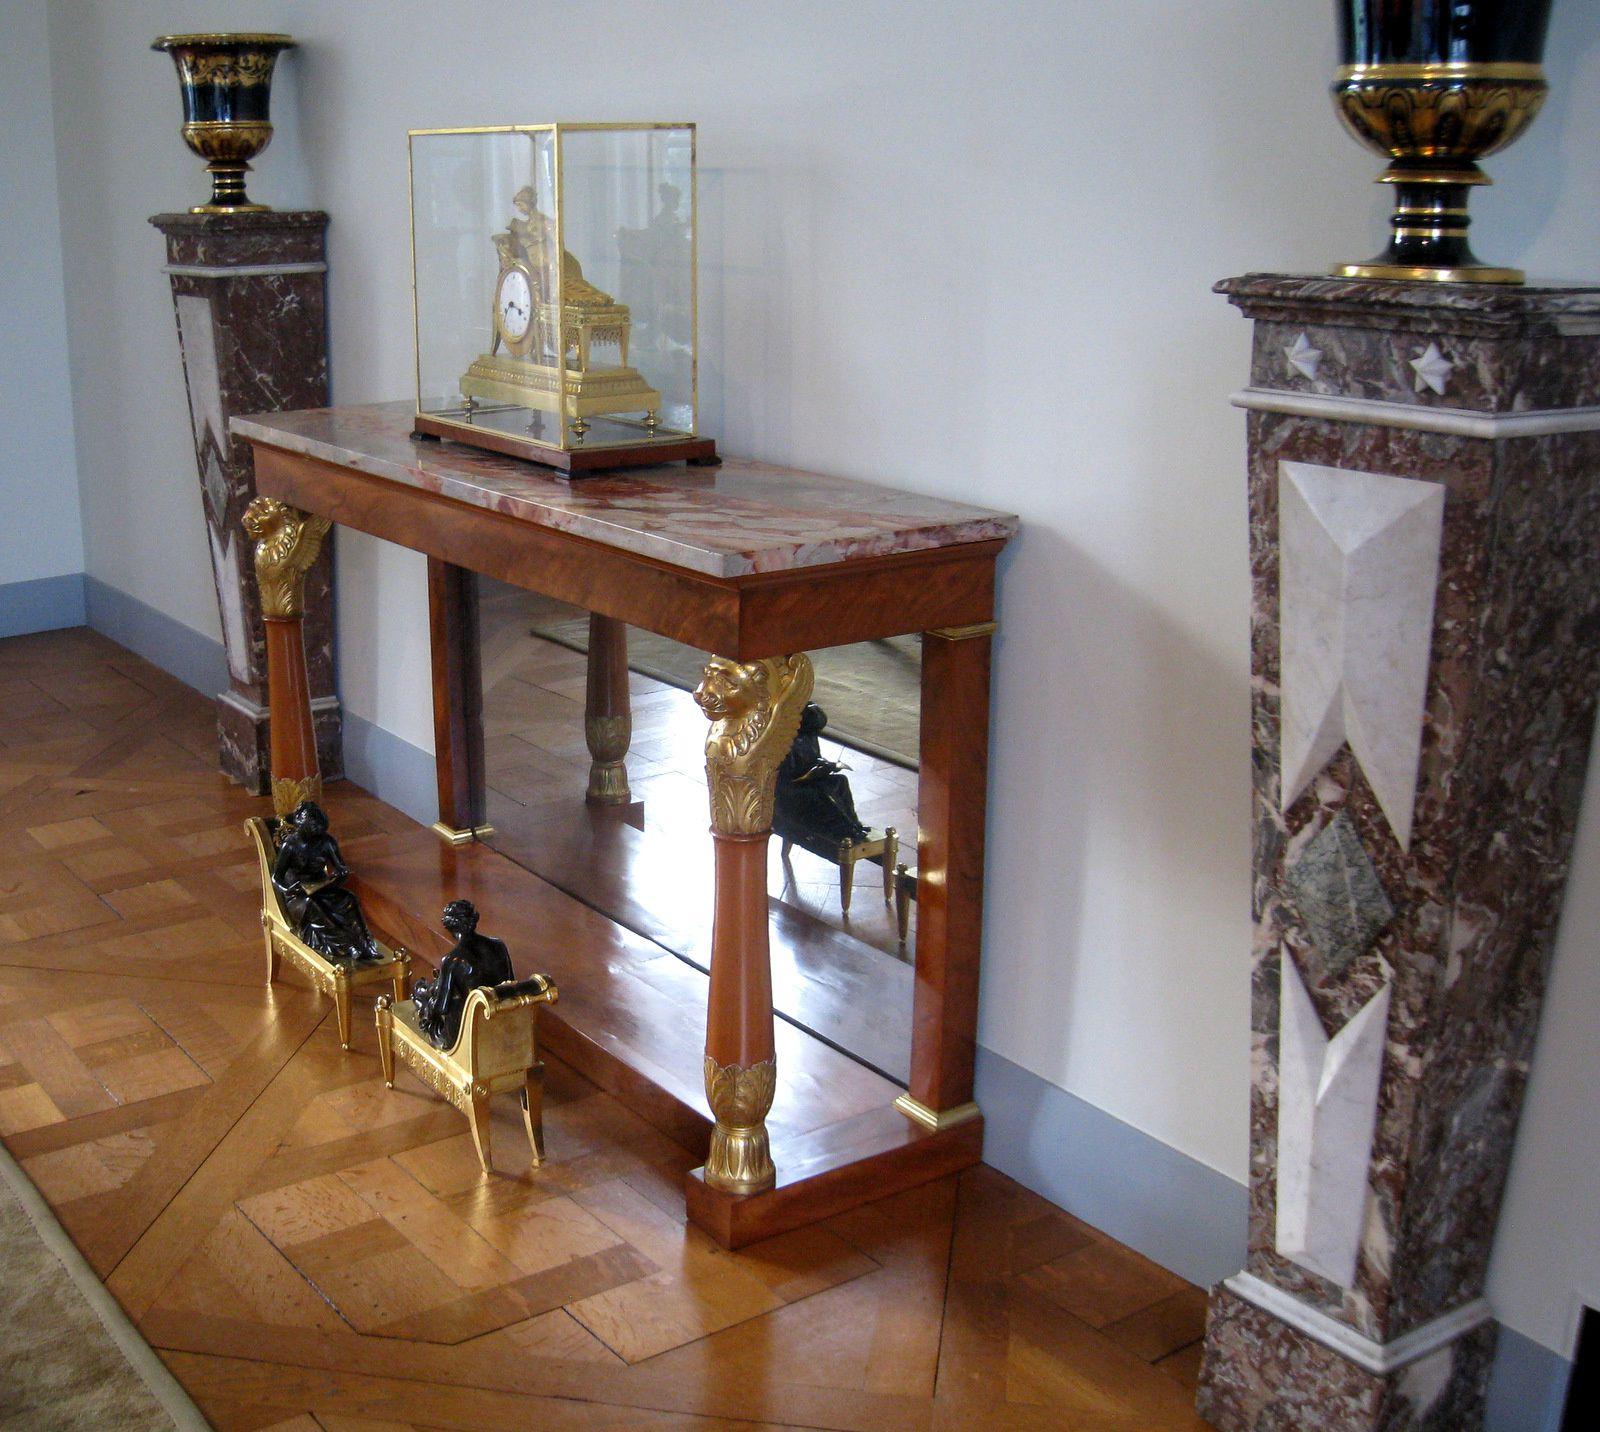 """Commode et pendules """"Jason et la Toison d'or"""" et """"La Liseuse"""", château de malmaison"""